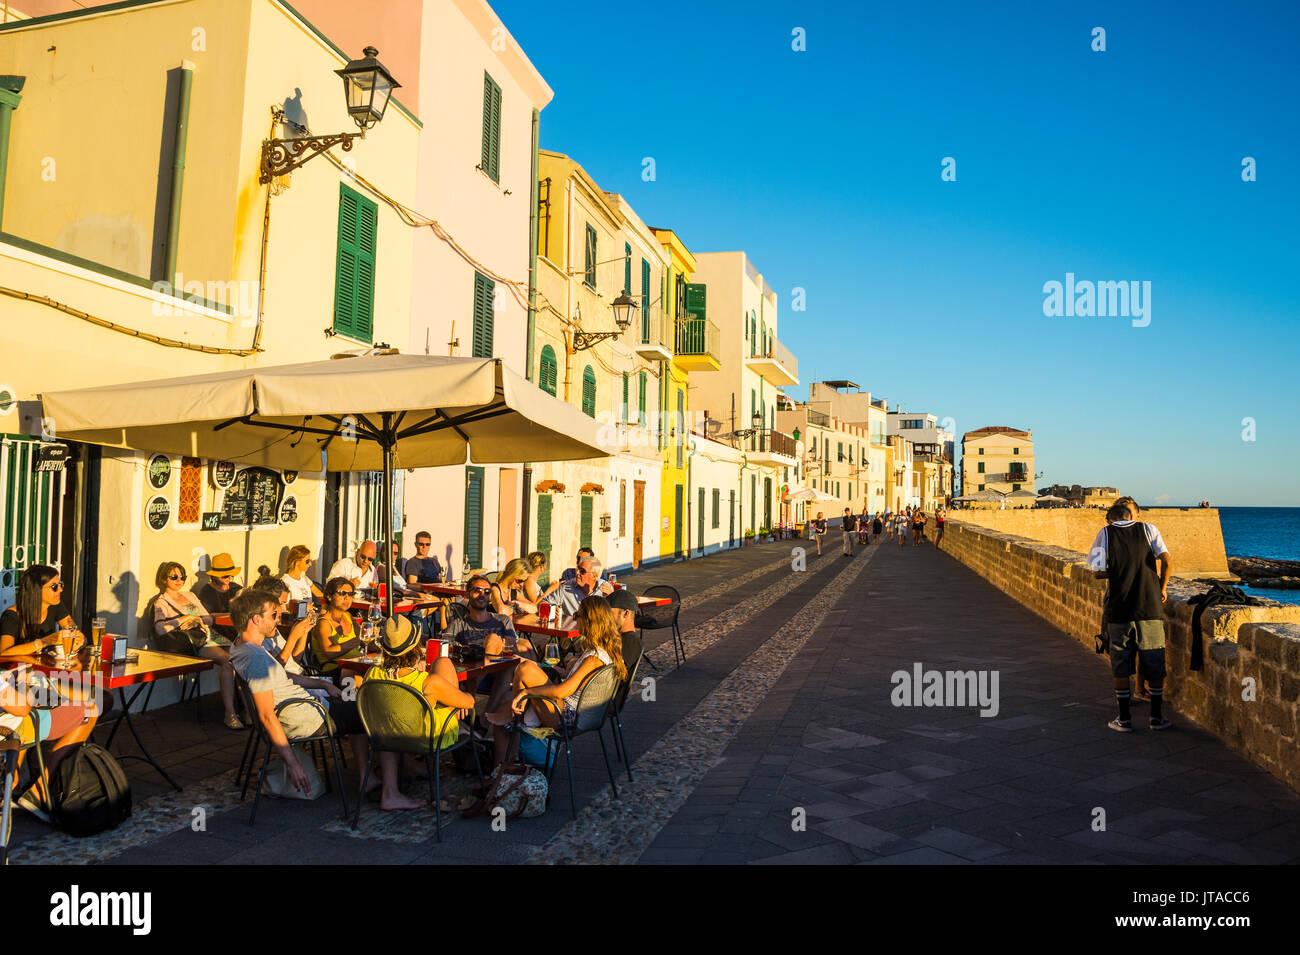 Restaurante en el Ocean promenade en la ciudad costera de Alghero, Cerdeña, Italia, Europa Mediterránea Imagen De Stock